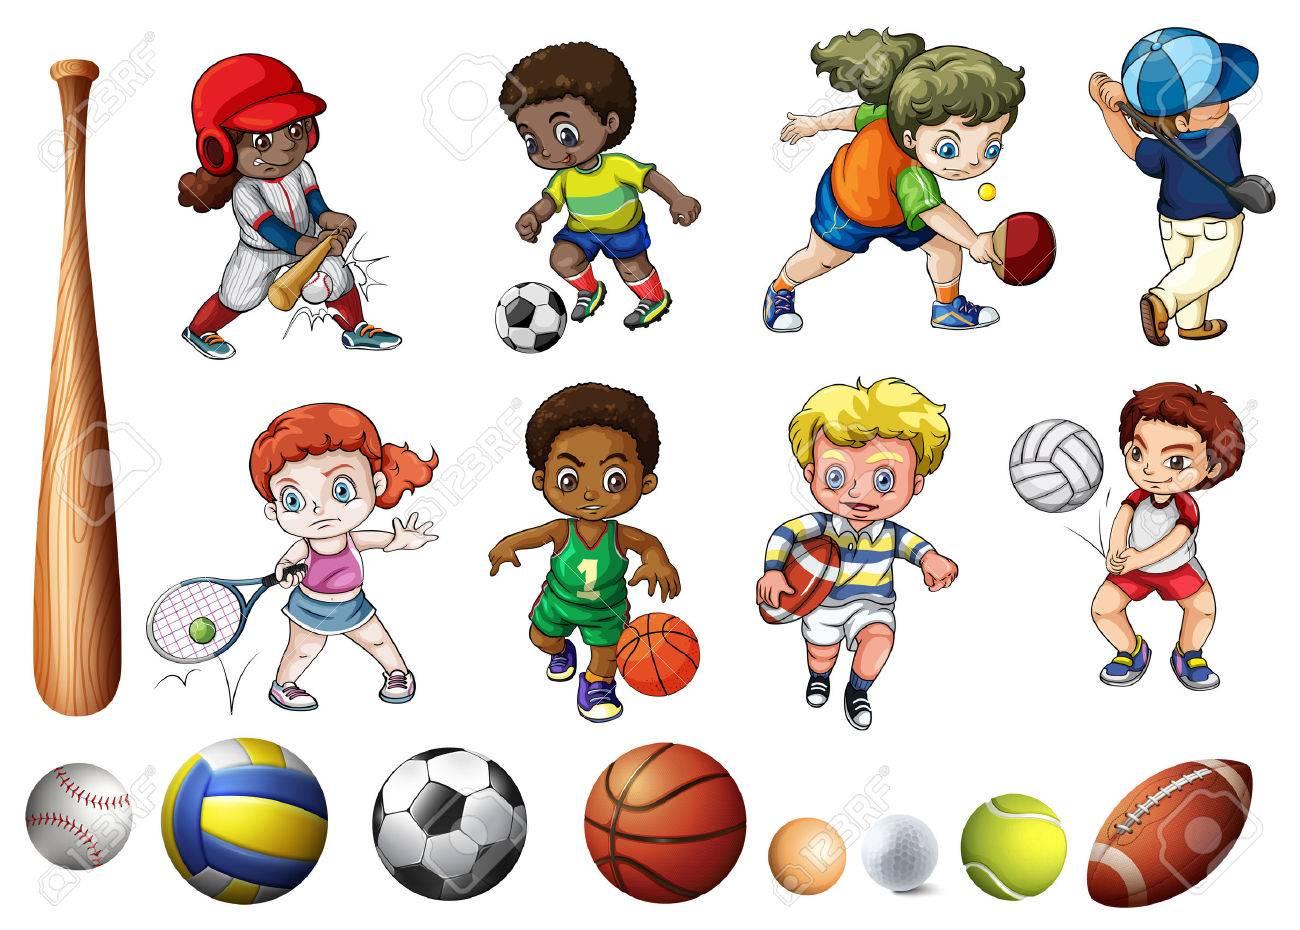 ボール遊びの子供関連スポーツ イラスト ロイヤリティフリークリップ